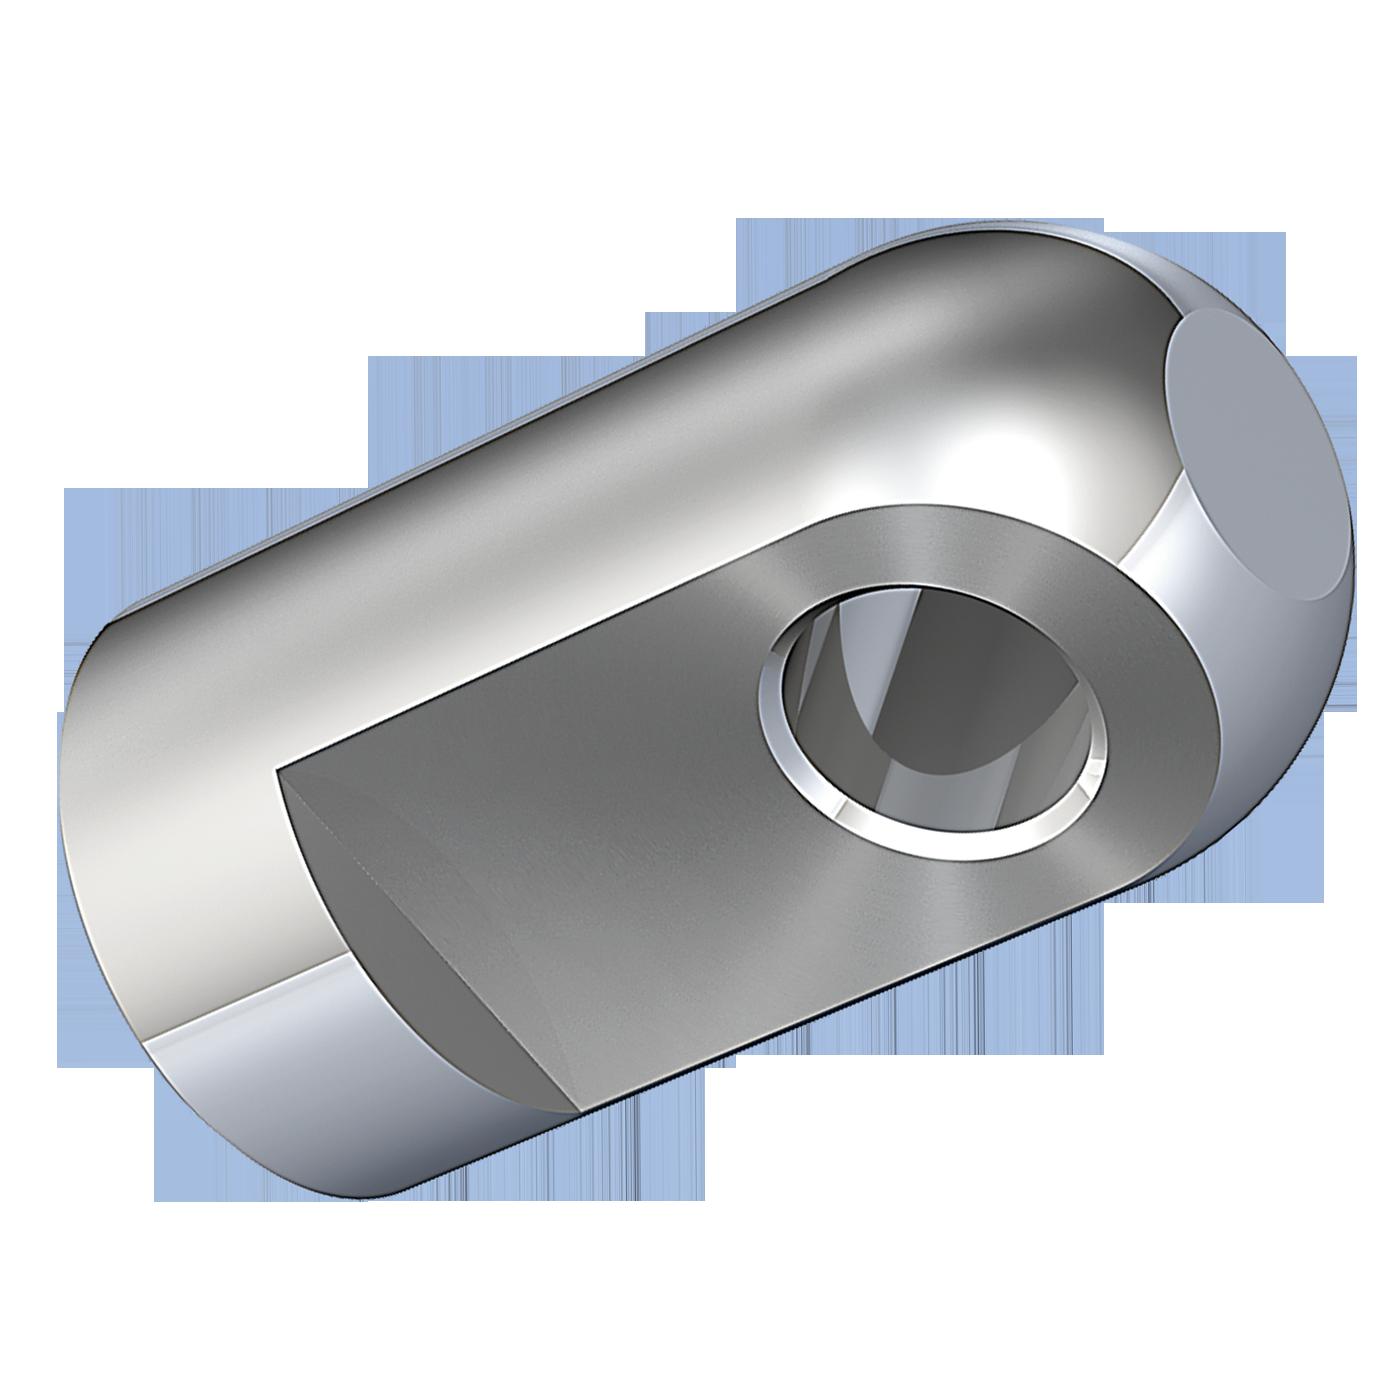 Gelenkauge oder Gelenkaugen mit Innengewinde vom Hersteller mbo Oßwald, gibt es in Automatenstahl 1.0718 und Edelstahl 1.4305. Sie dienen in erster Linie als Kolbenstangen Anschlußteile für Gasfedern, Gasfeder, Gasdruckfeder, Gasdruckfedern.